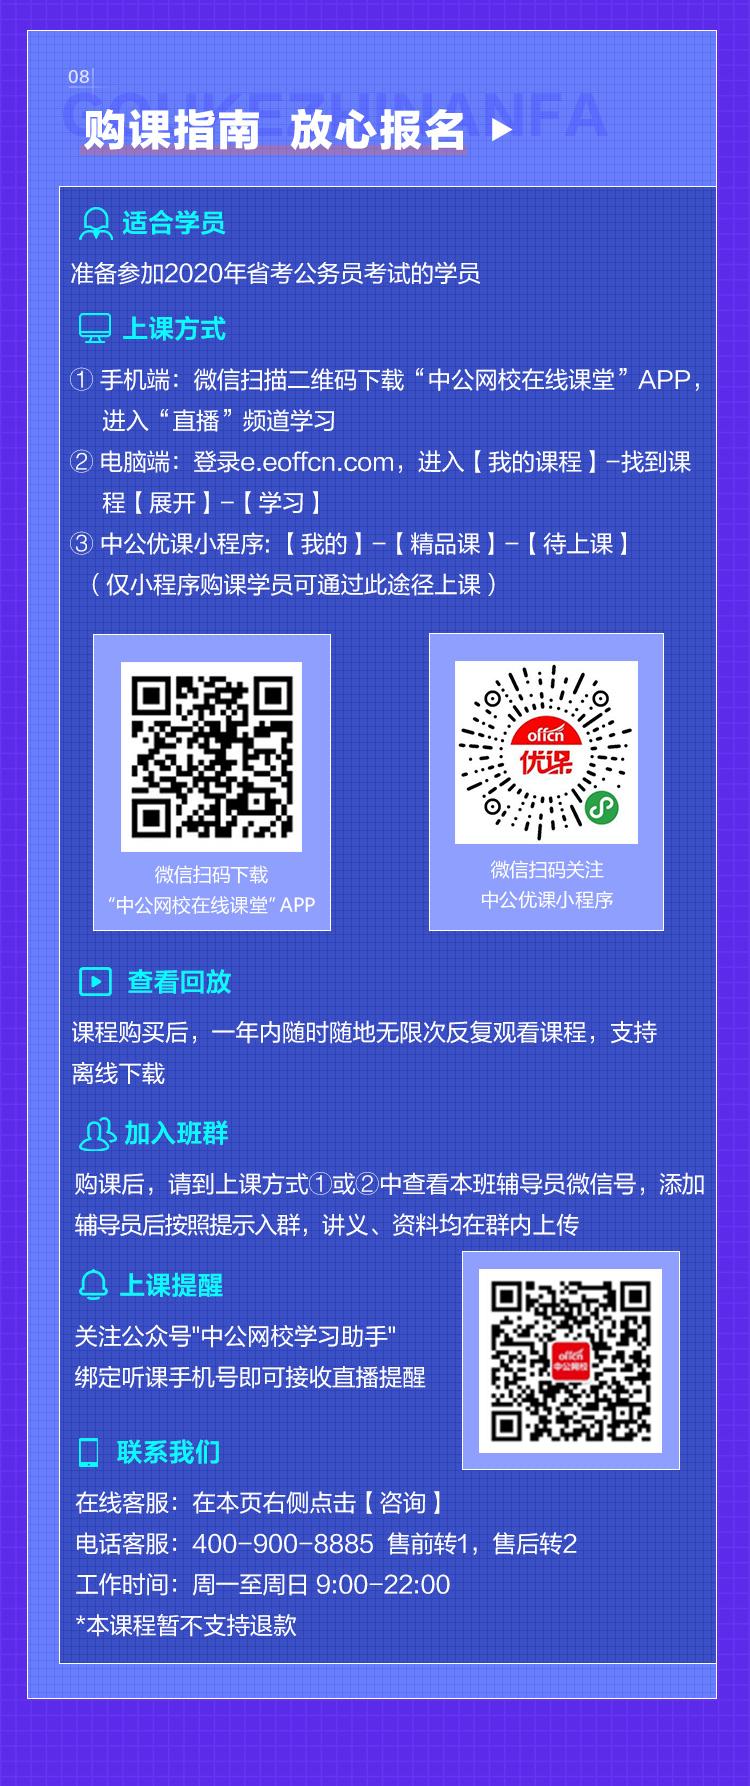 2020省考零基础先锋班-网校_04.jpg